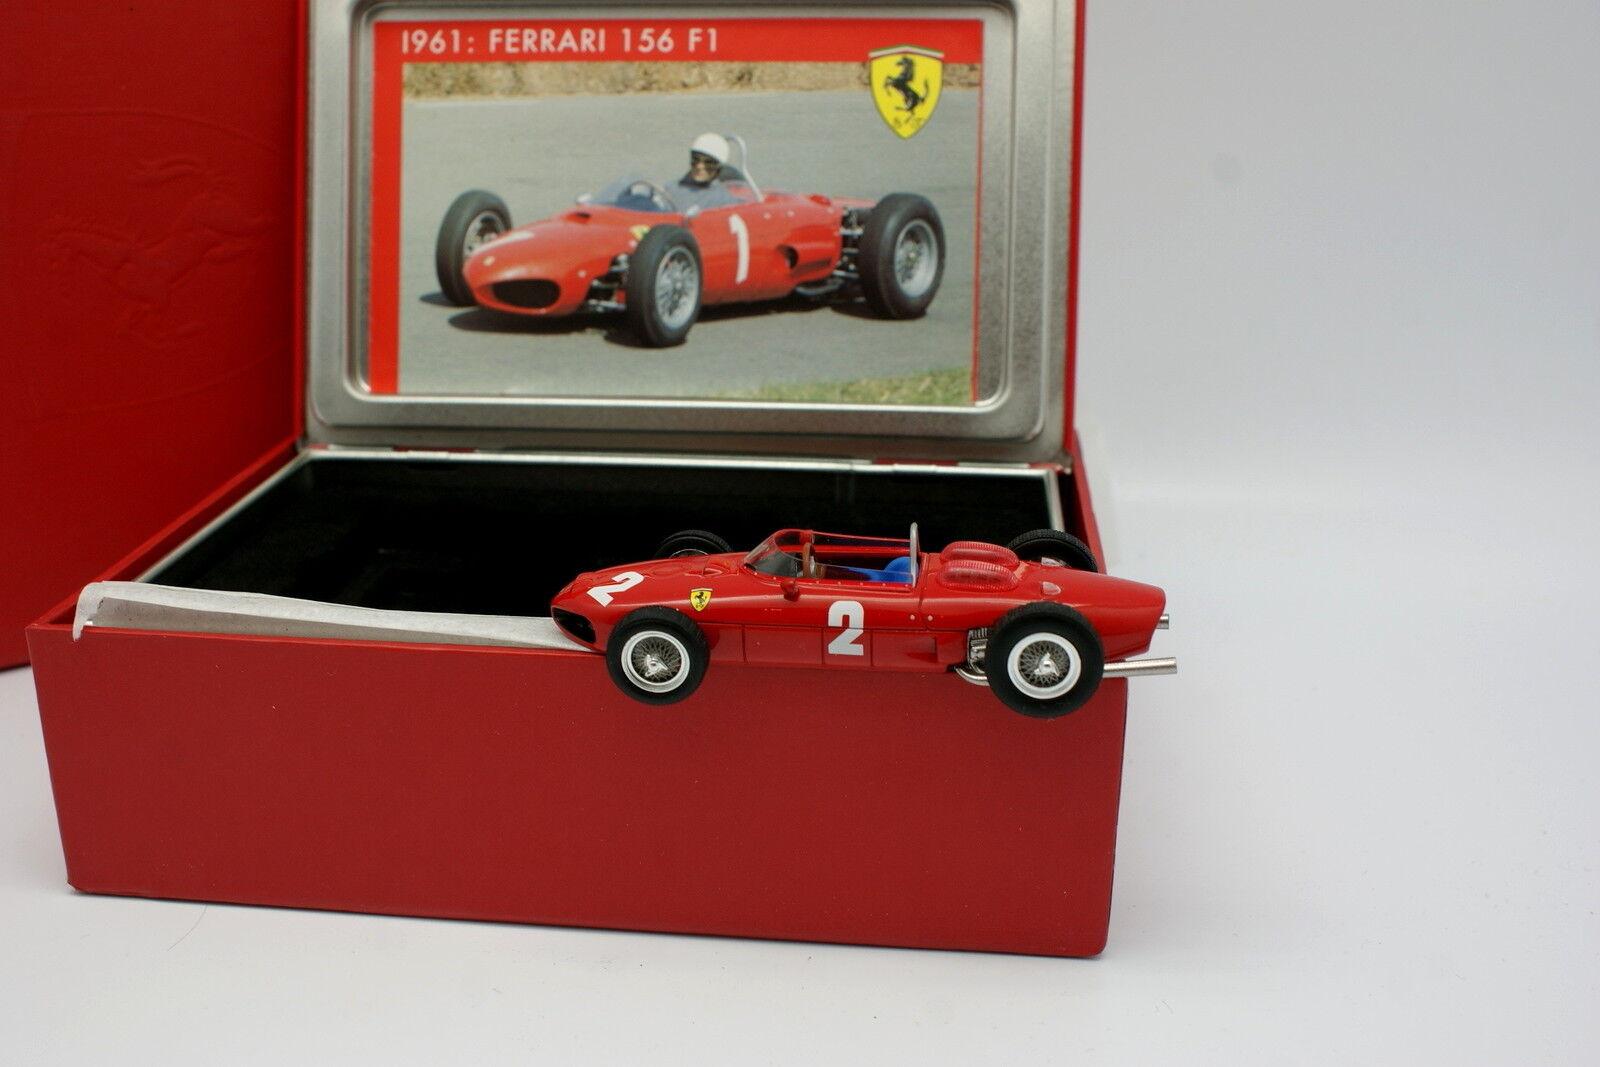 Hot Wheels La Storia 1 1 1 43 - F1 Ferrari 156 1961 f06899